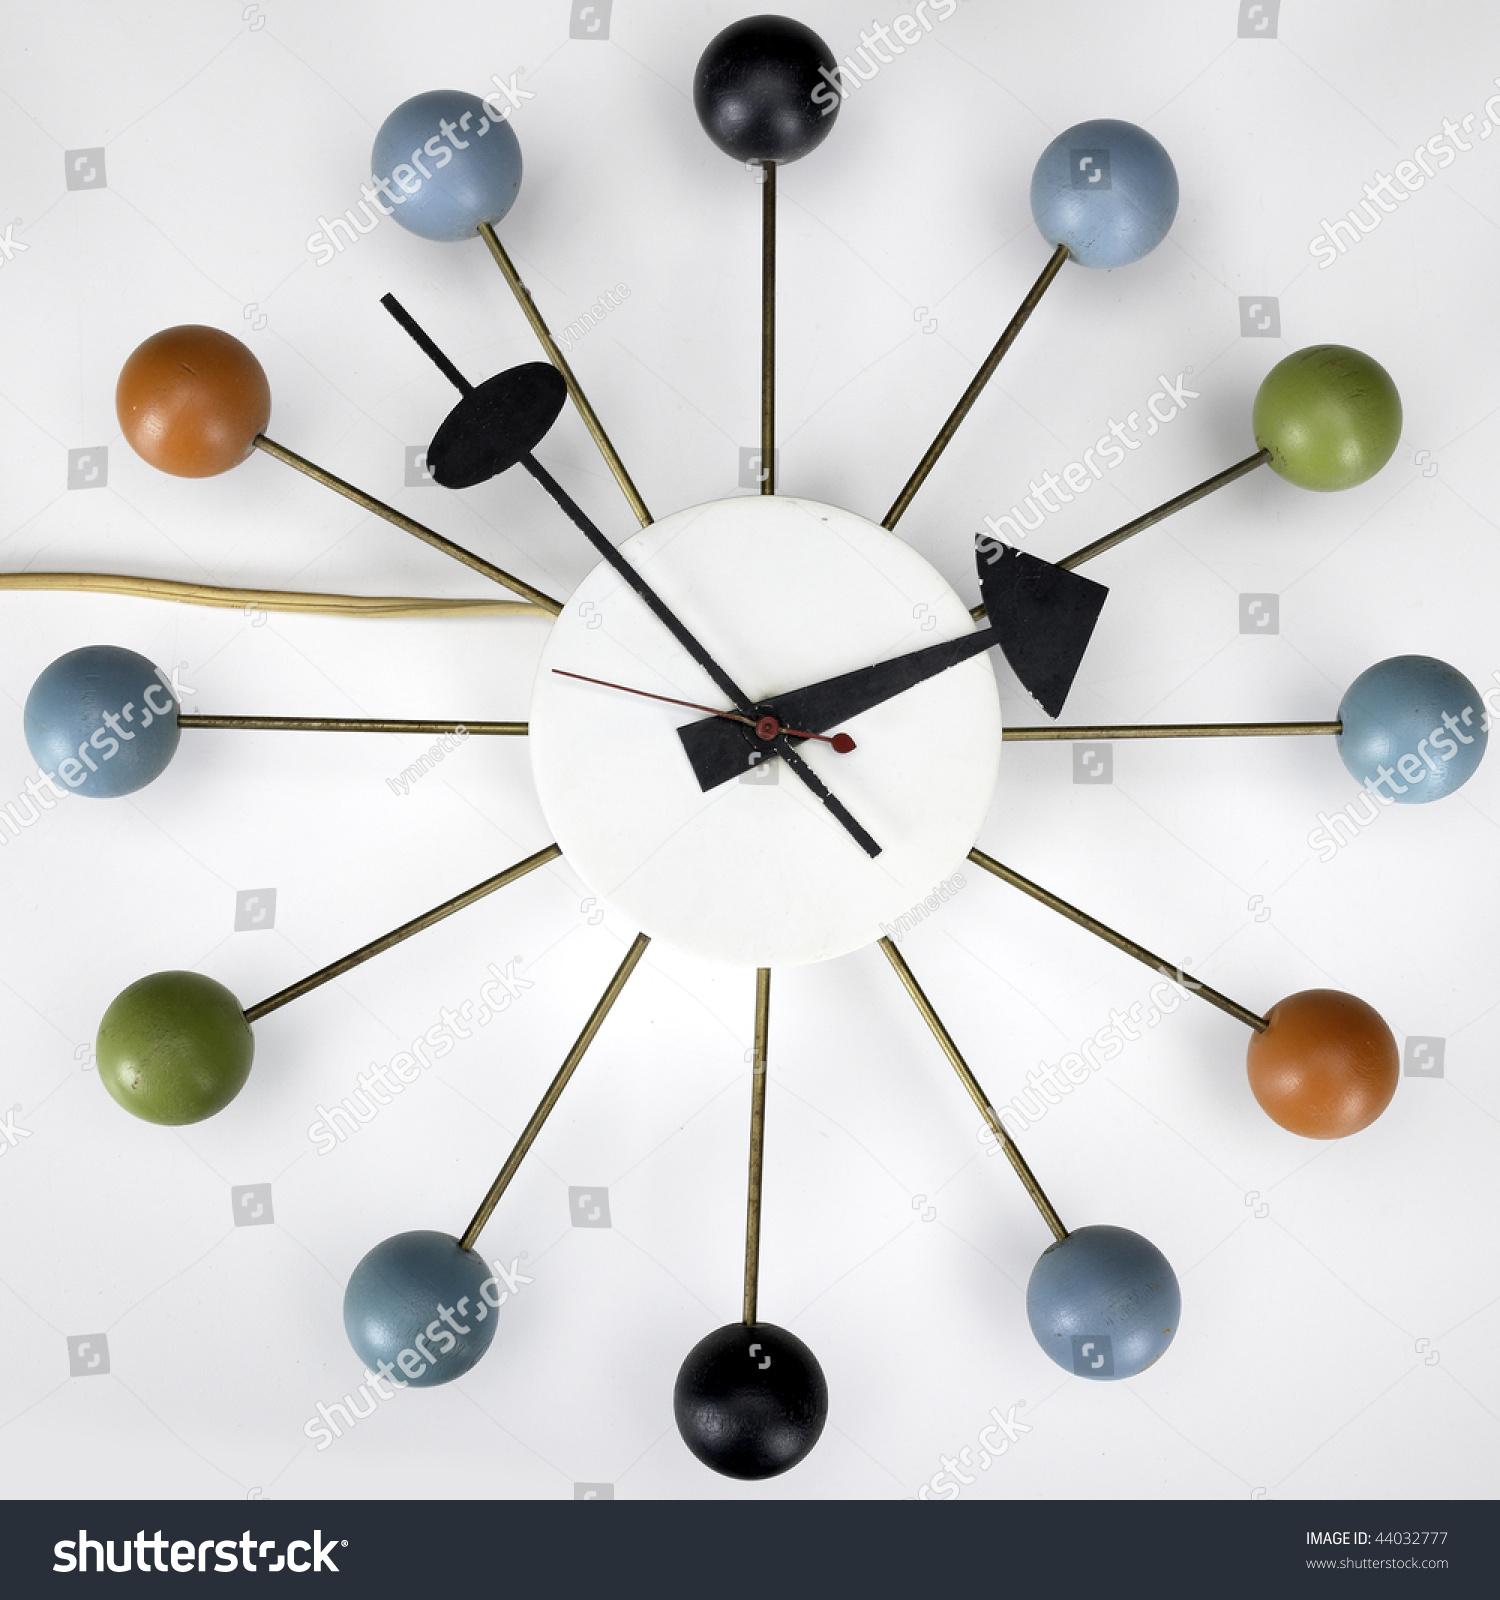 retro vintage kitchen wall clock multicolored stock photo 44032777